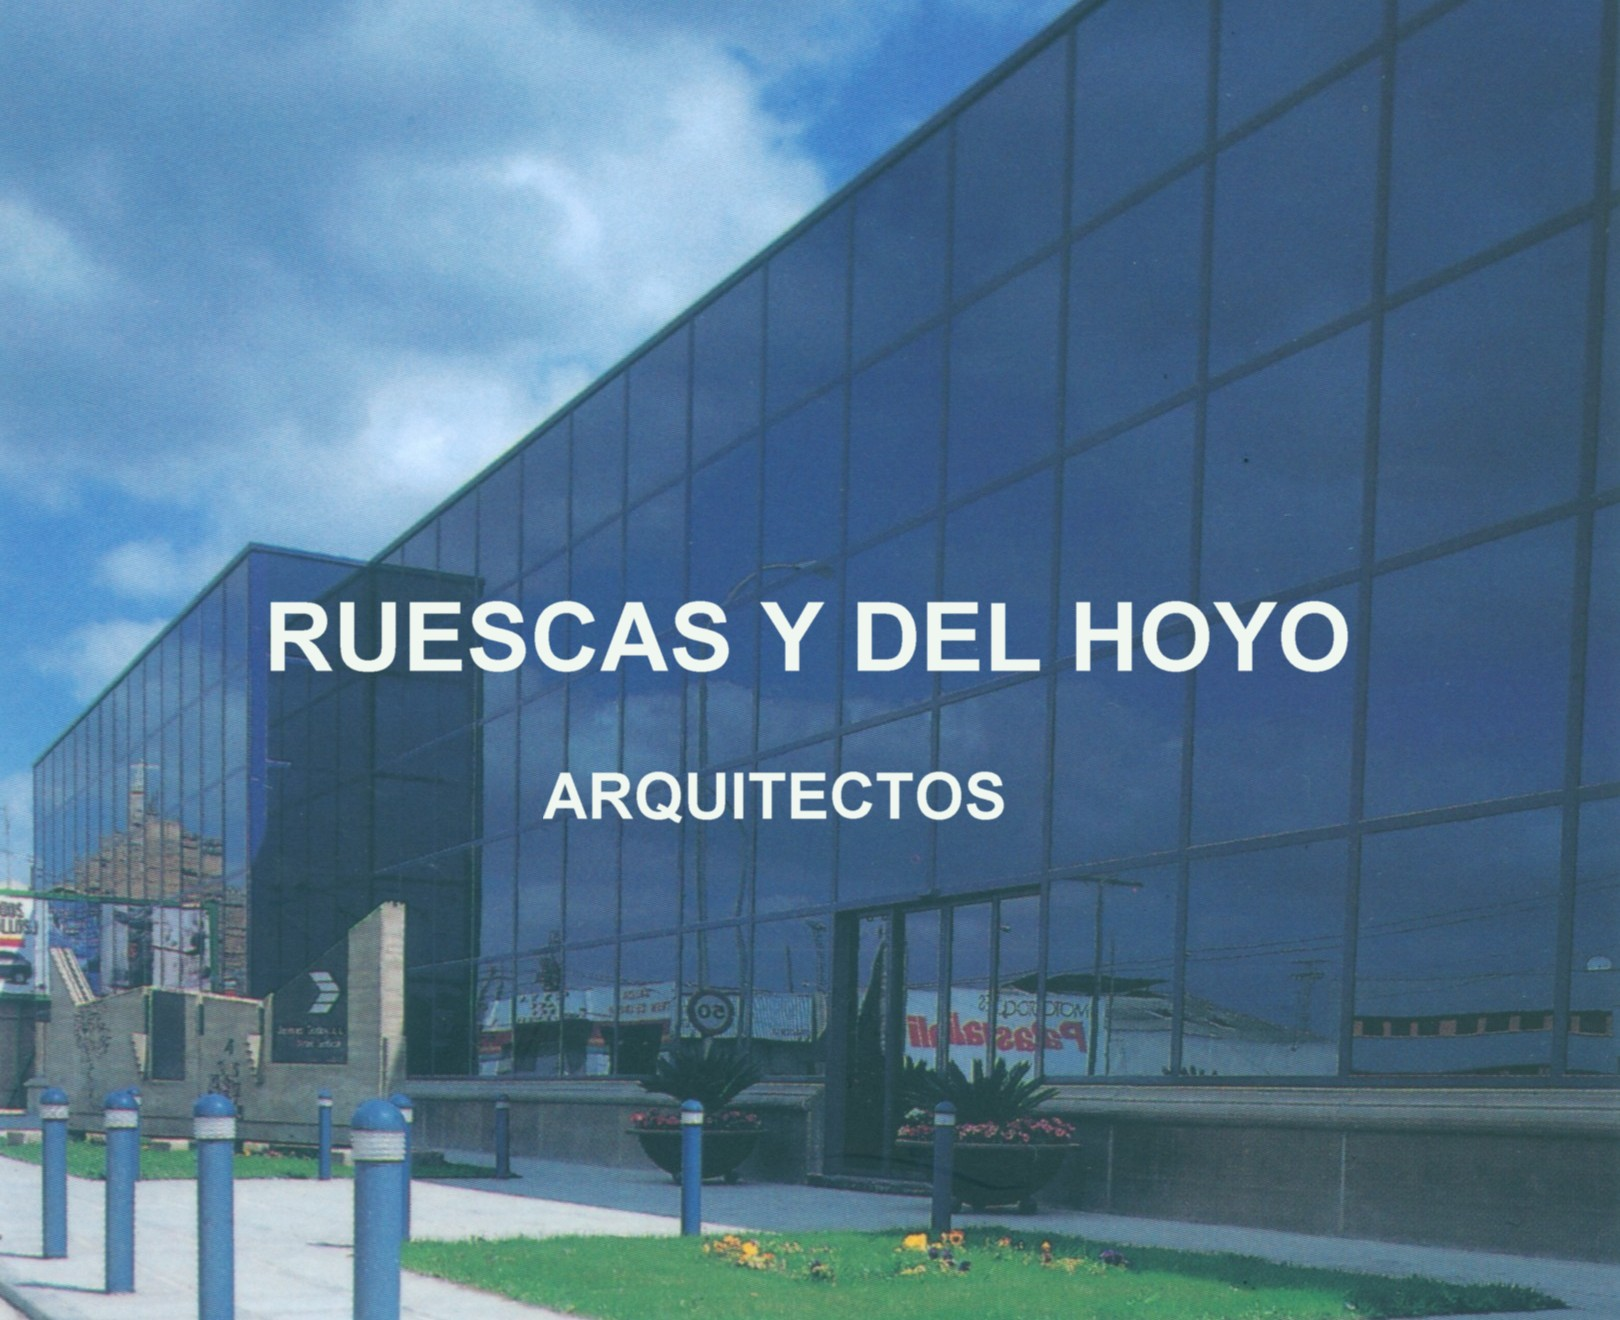 Proyectos de ruescas y del hoyo arquitectos profesional - Necesito un arquitecto ...